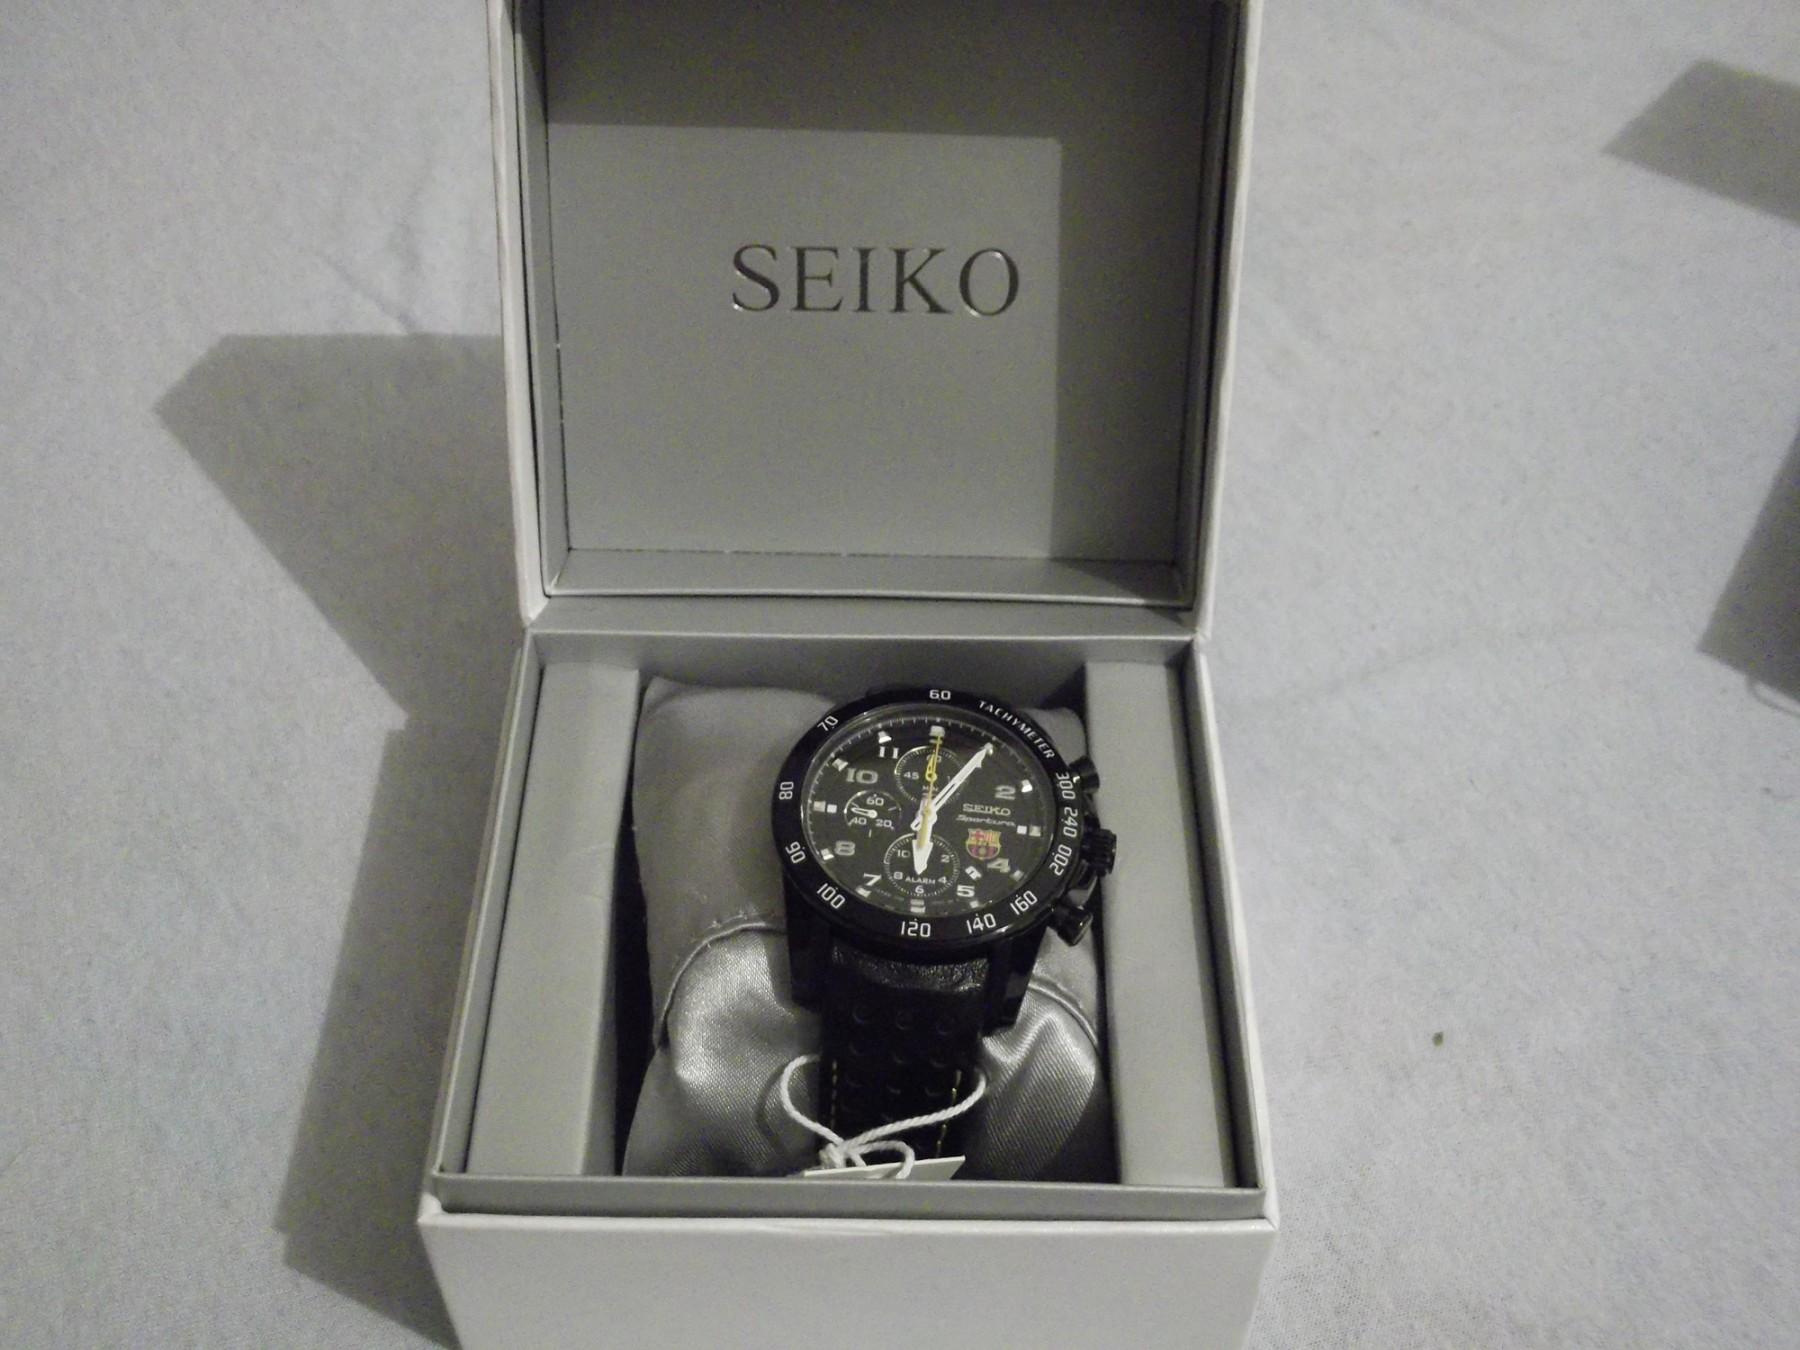 Kliknite za sliku za veću verziju  Ime:originalslika_Seiko-Sportura-FCB-nov-86530317.jpg Viđeno:498 Veličina:394,5 KB ID:121874